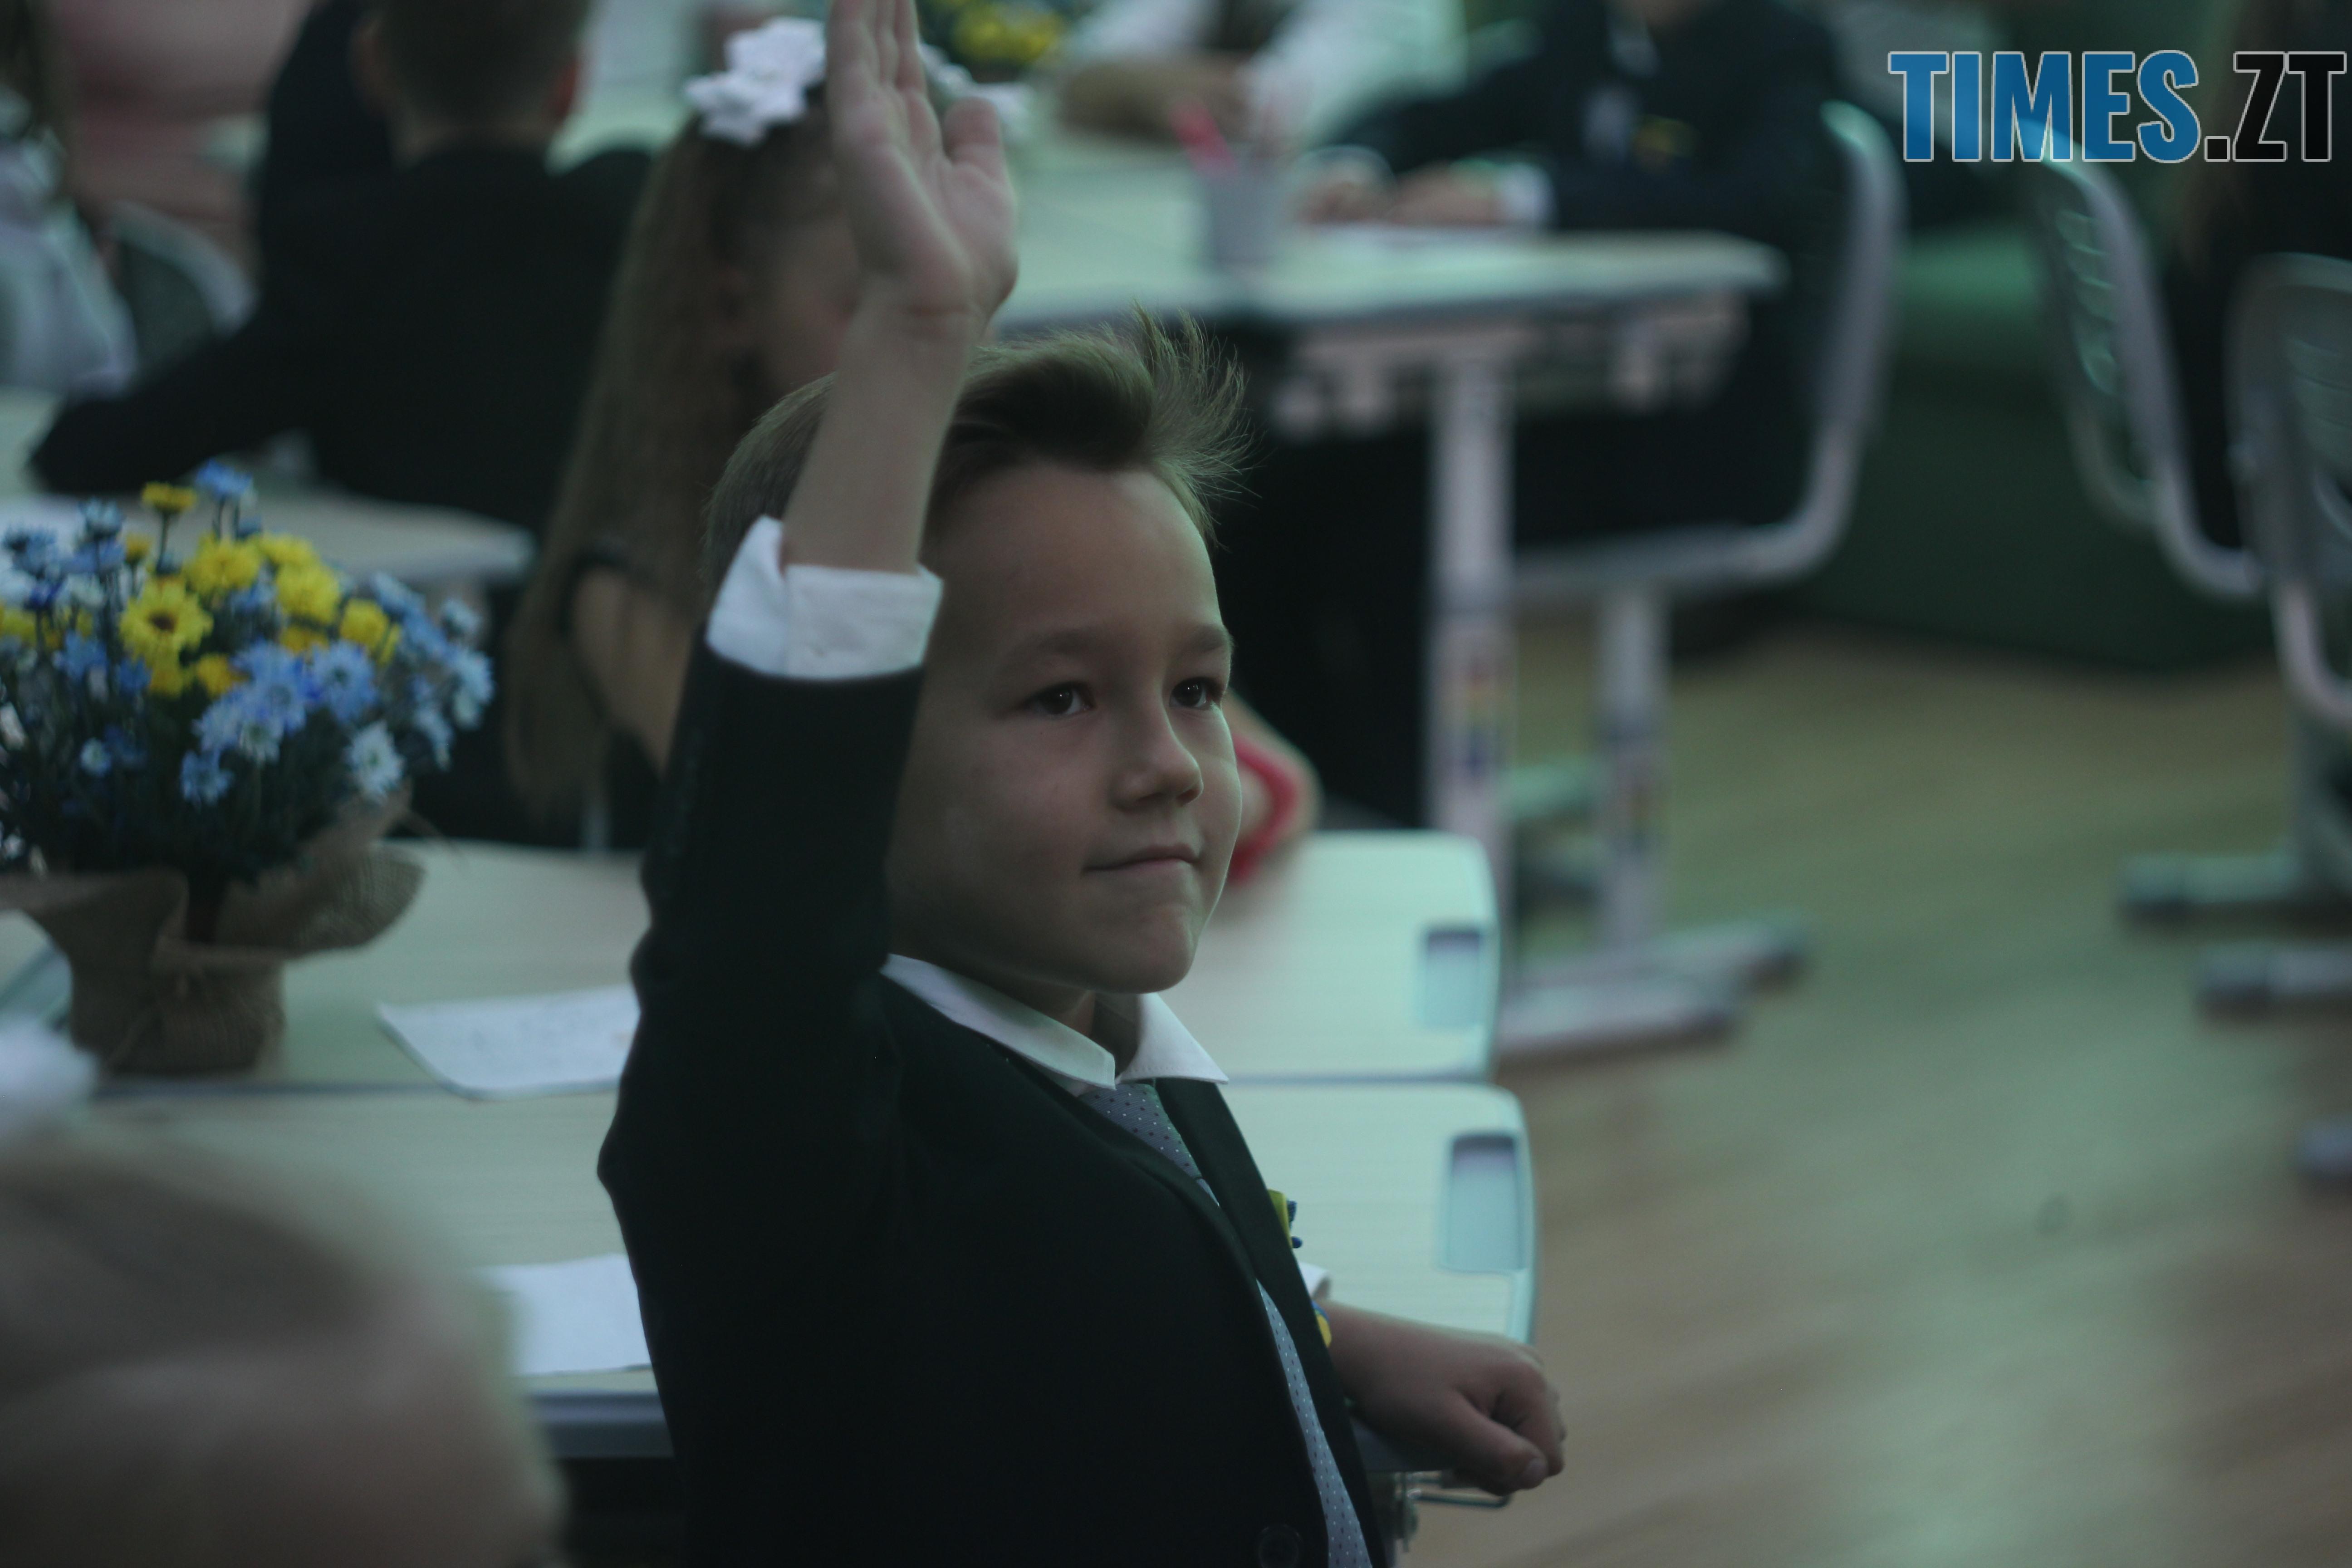 IMG 9008 - Майже 4 тисячі житомирських першокласників навчатимуться за системою Нової української школи (ФОТОРЕПОРТАЖ)